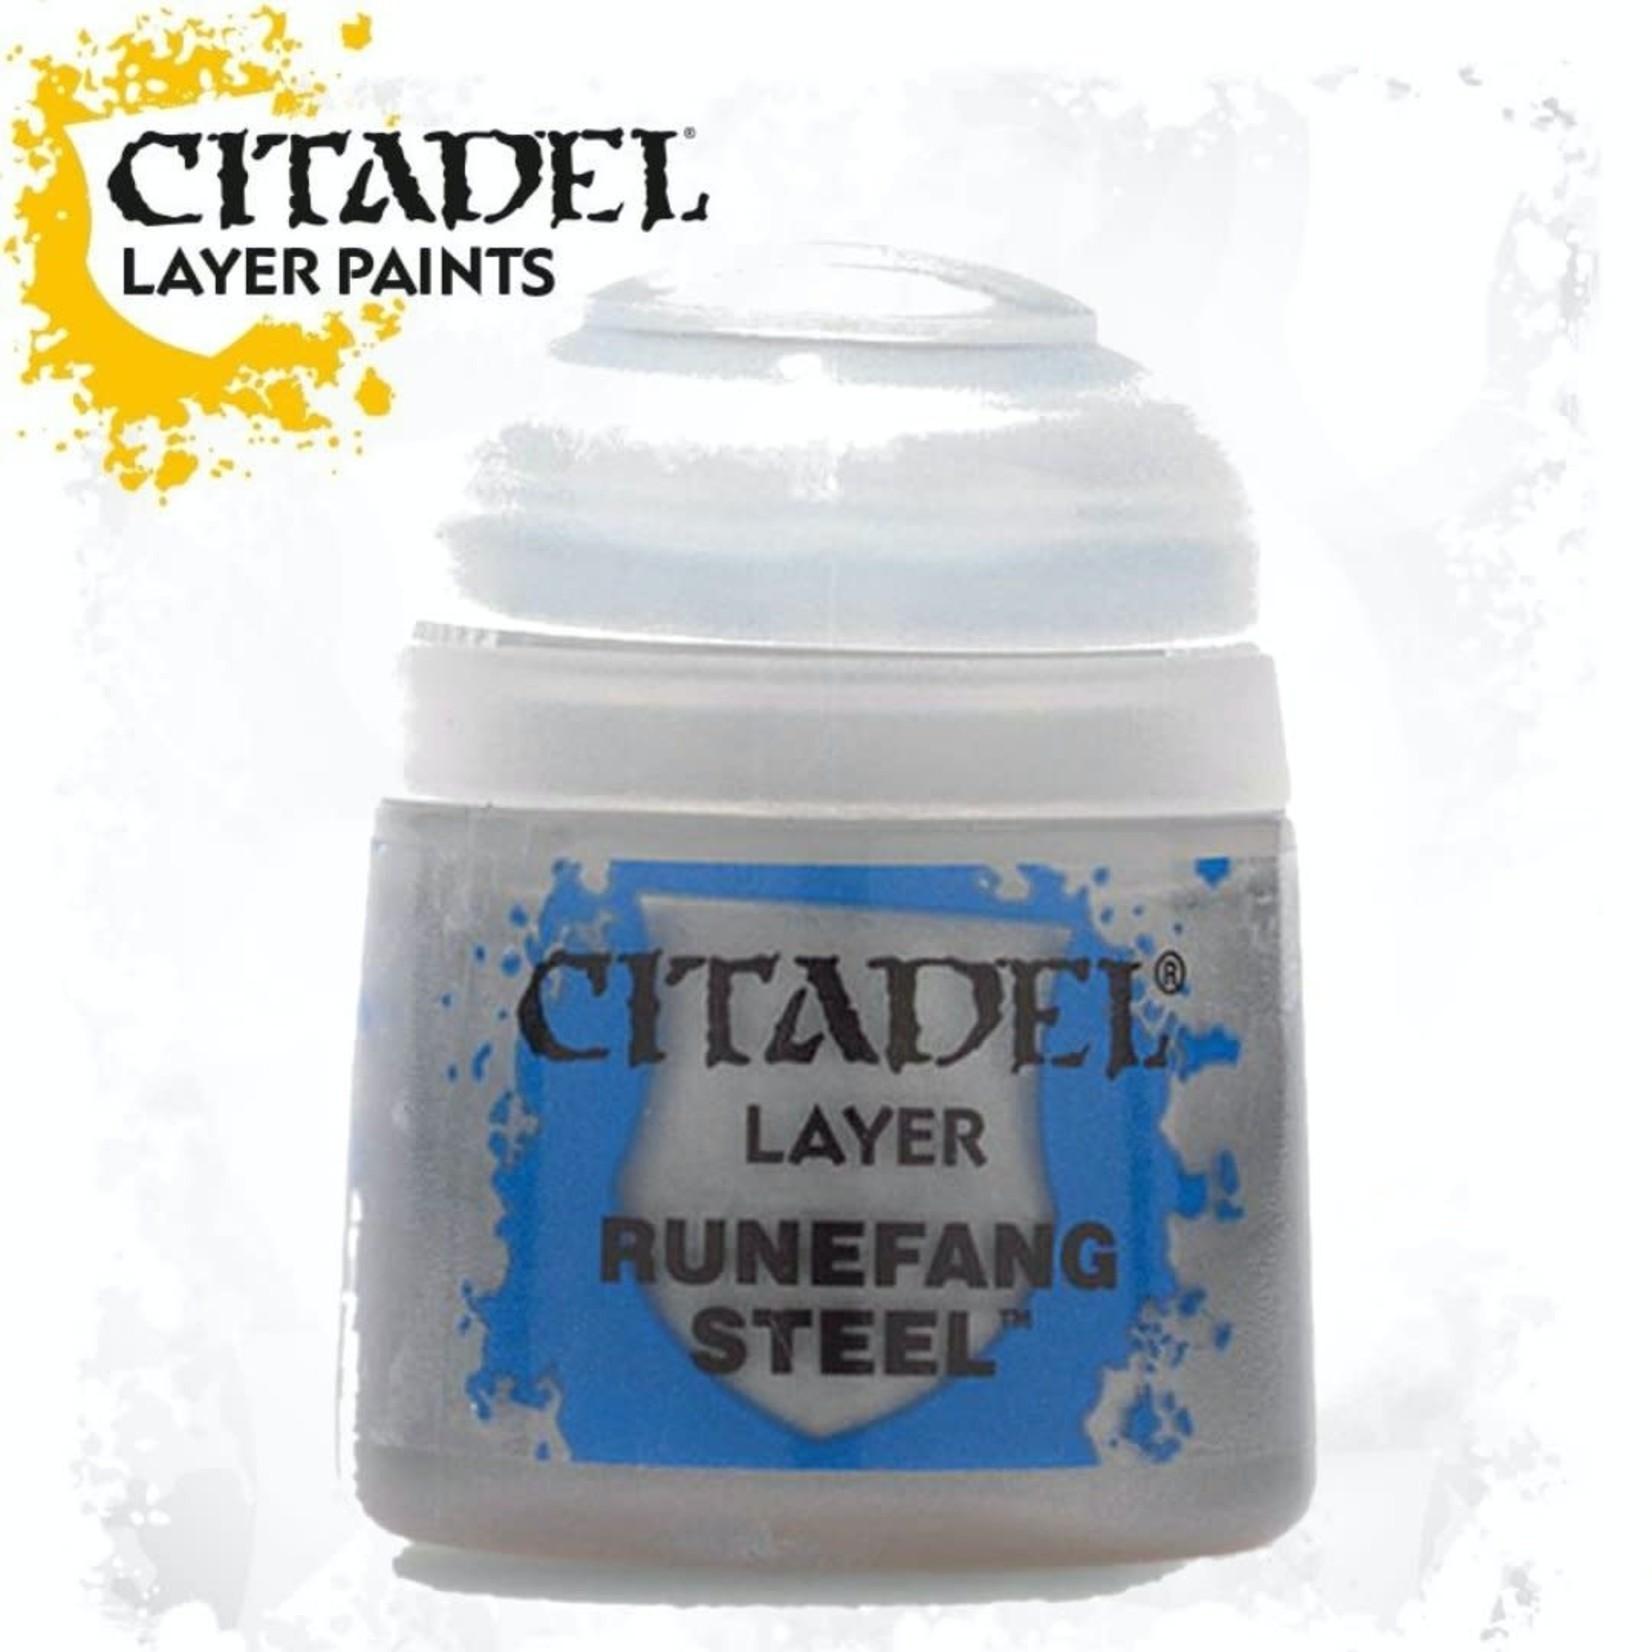 Citadel Citadel Paint - Layer: Runefang Steel